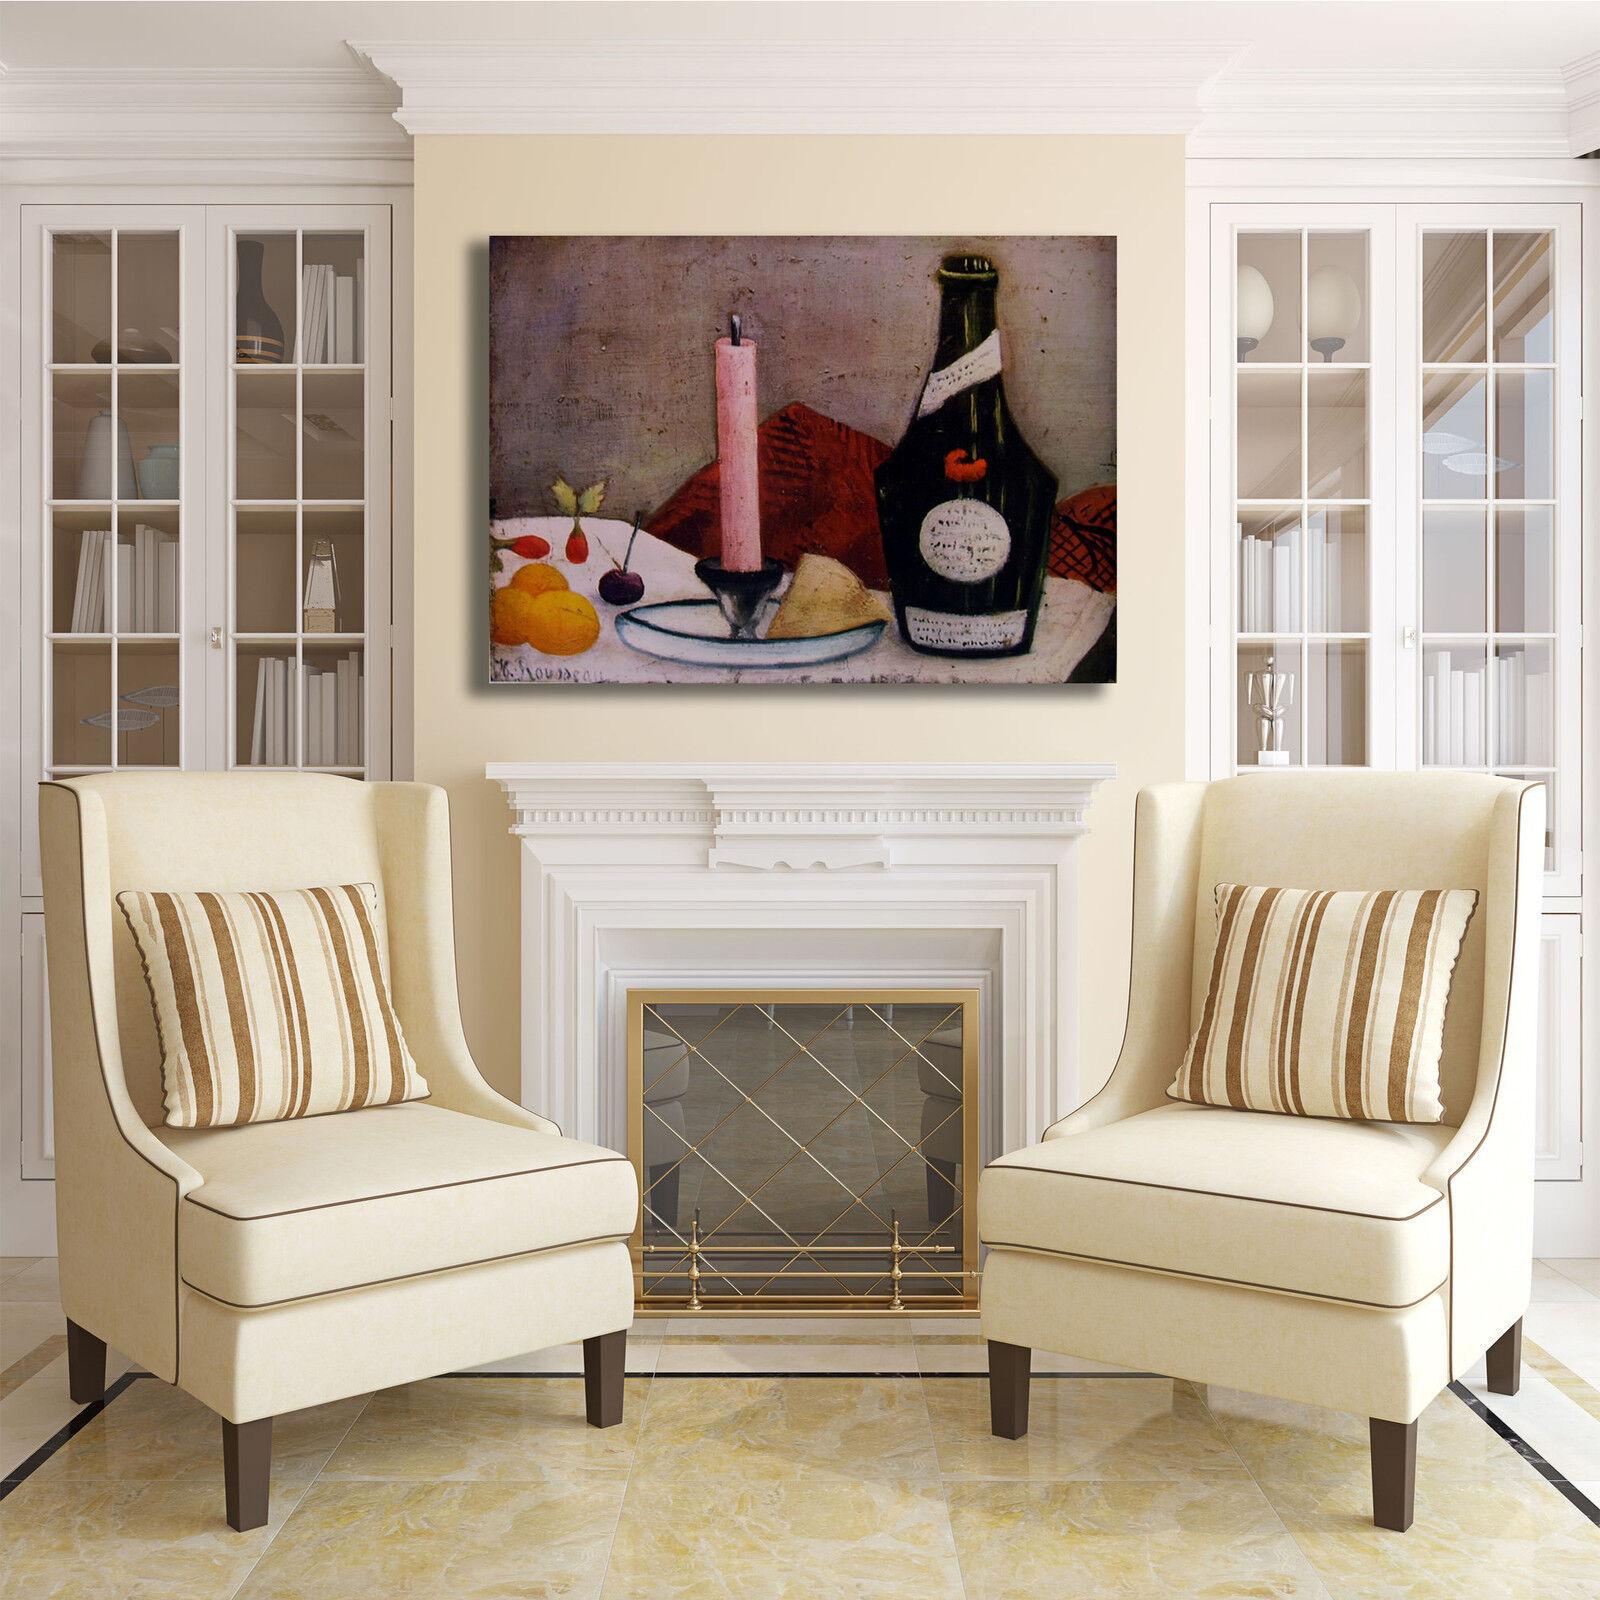 Rousseau arRouge candela rosa design quadro stampa tela dipinto telaio arRouge Rousseau o casa 36382e